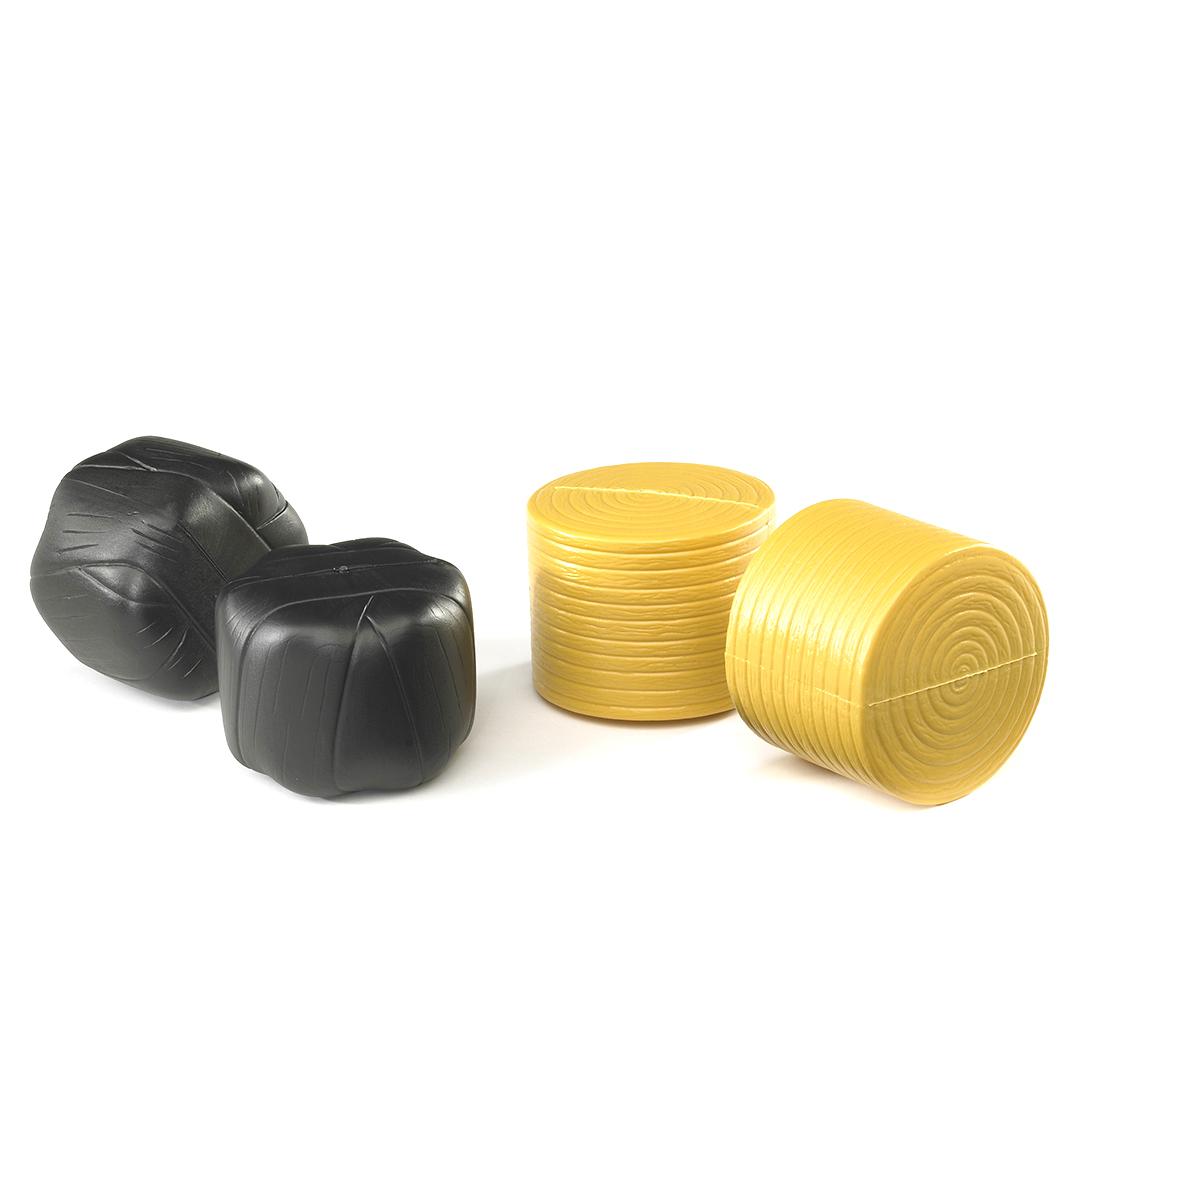 Аксессуары Bruder: 4 круглых рулона сена (два упакованных)(02-345)